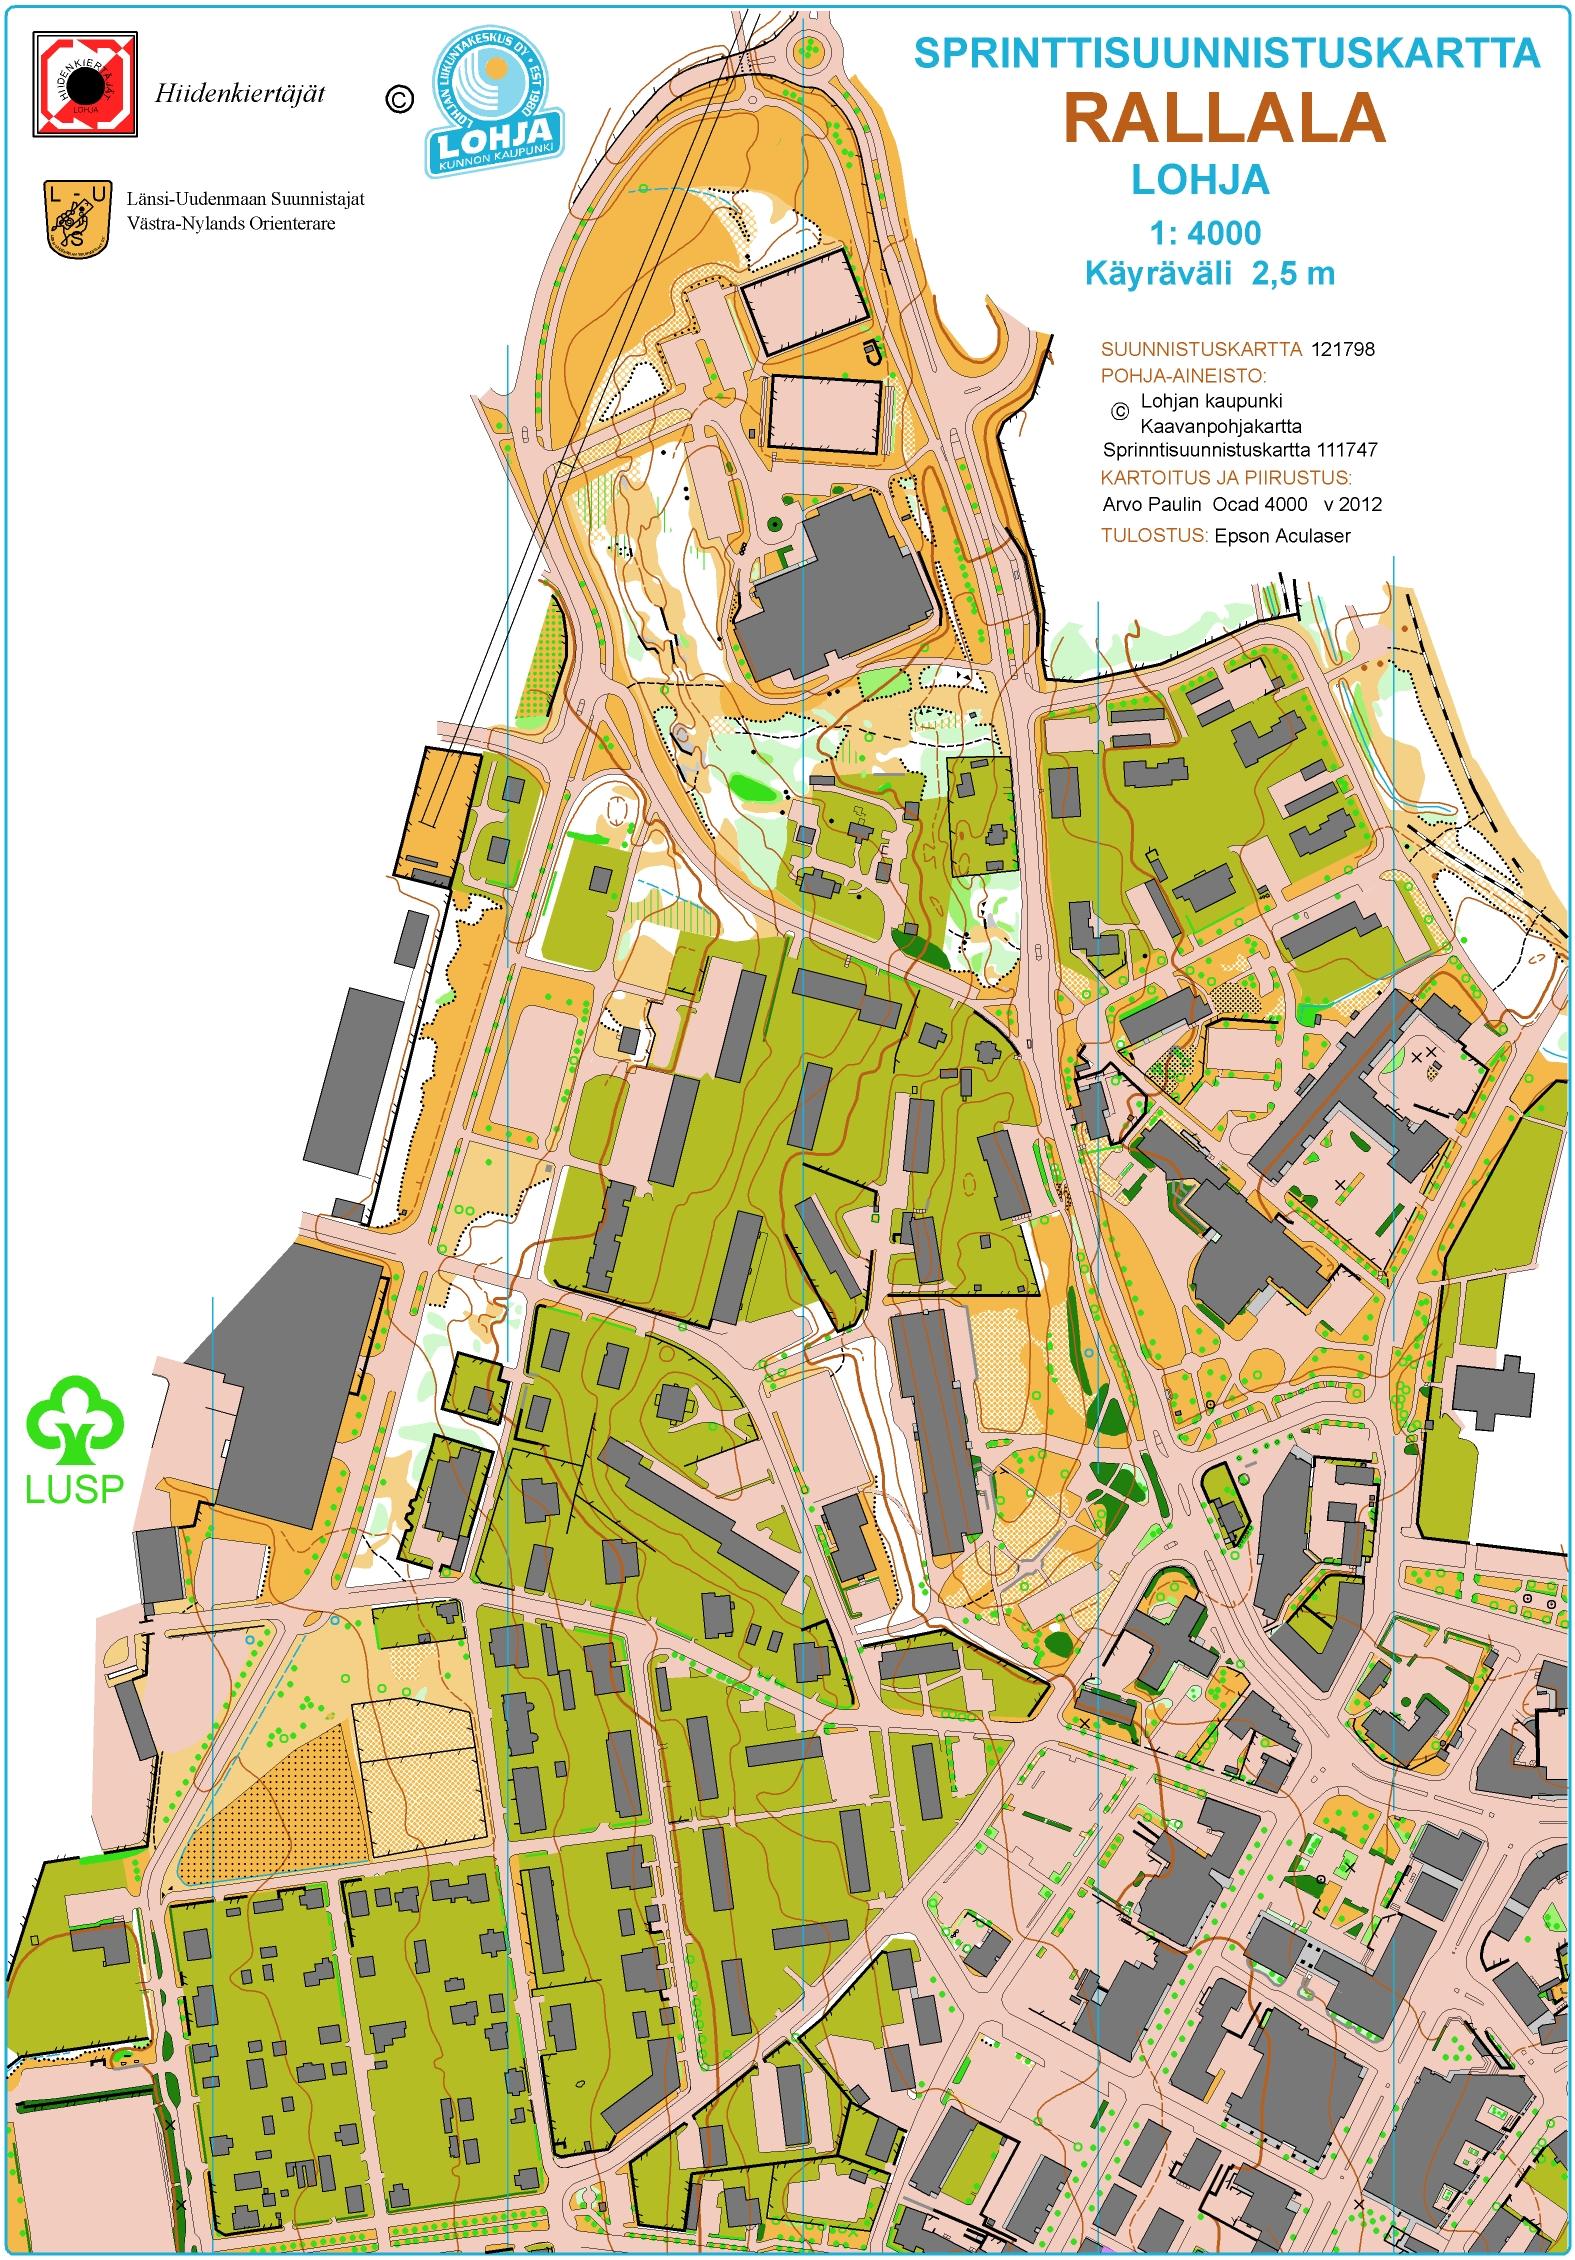 IOF Eventor Event information Orienteering World Cup Round 1